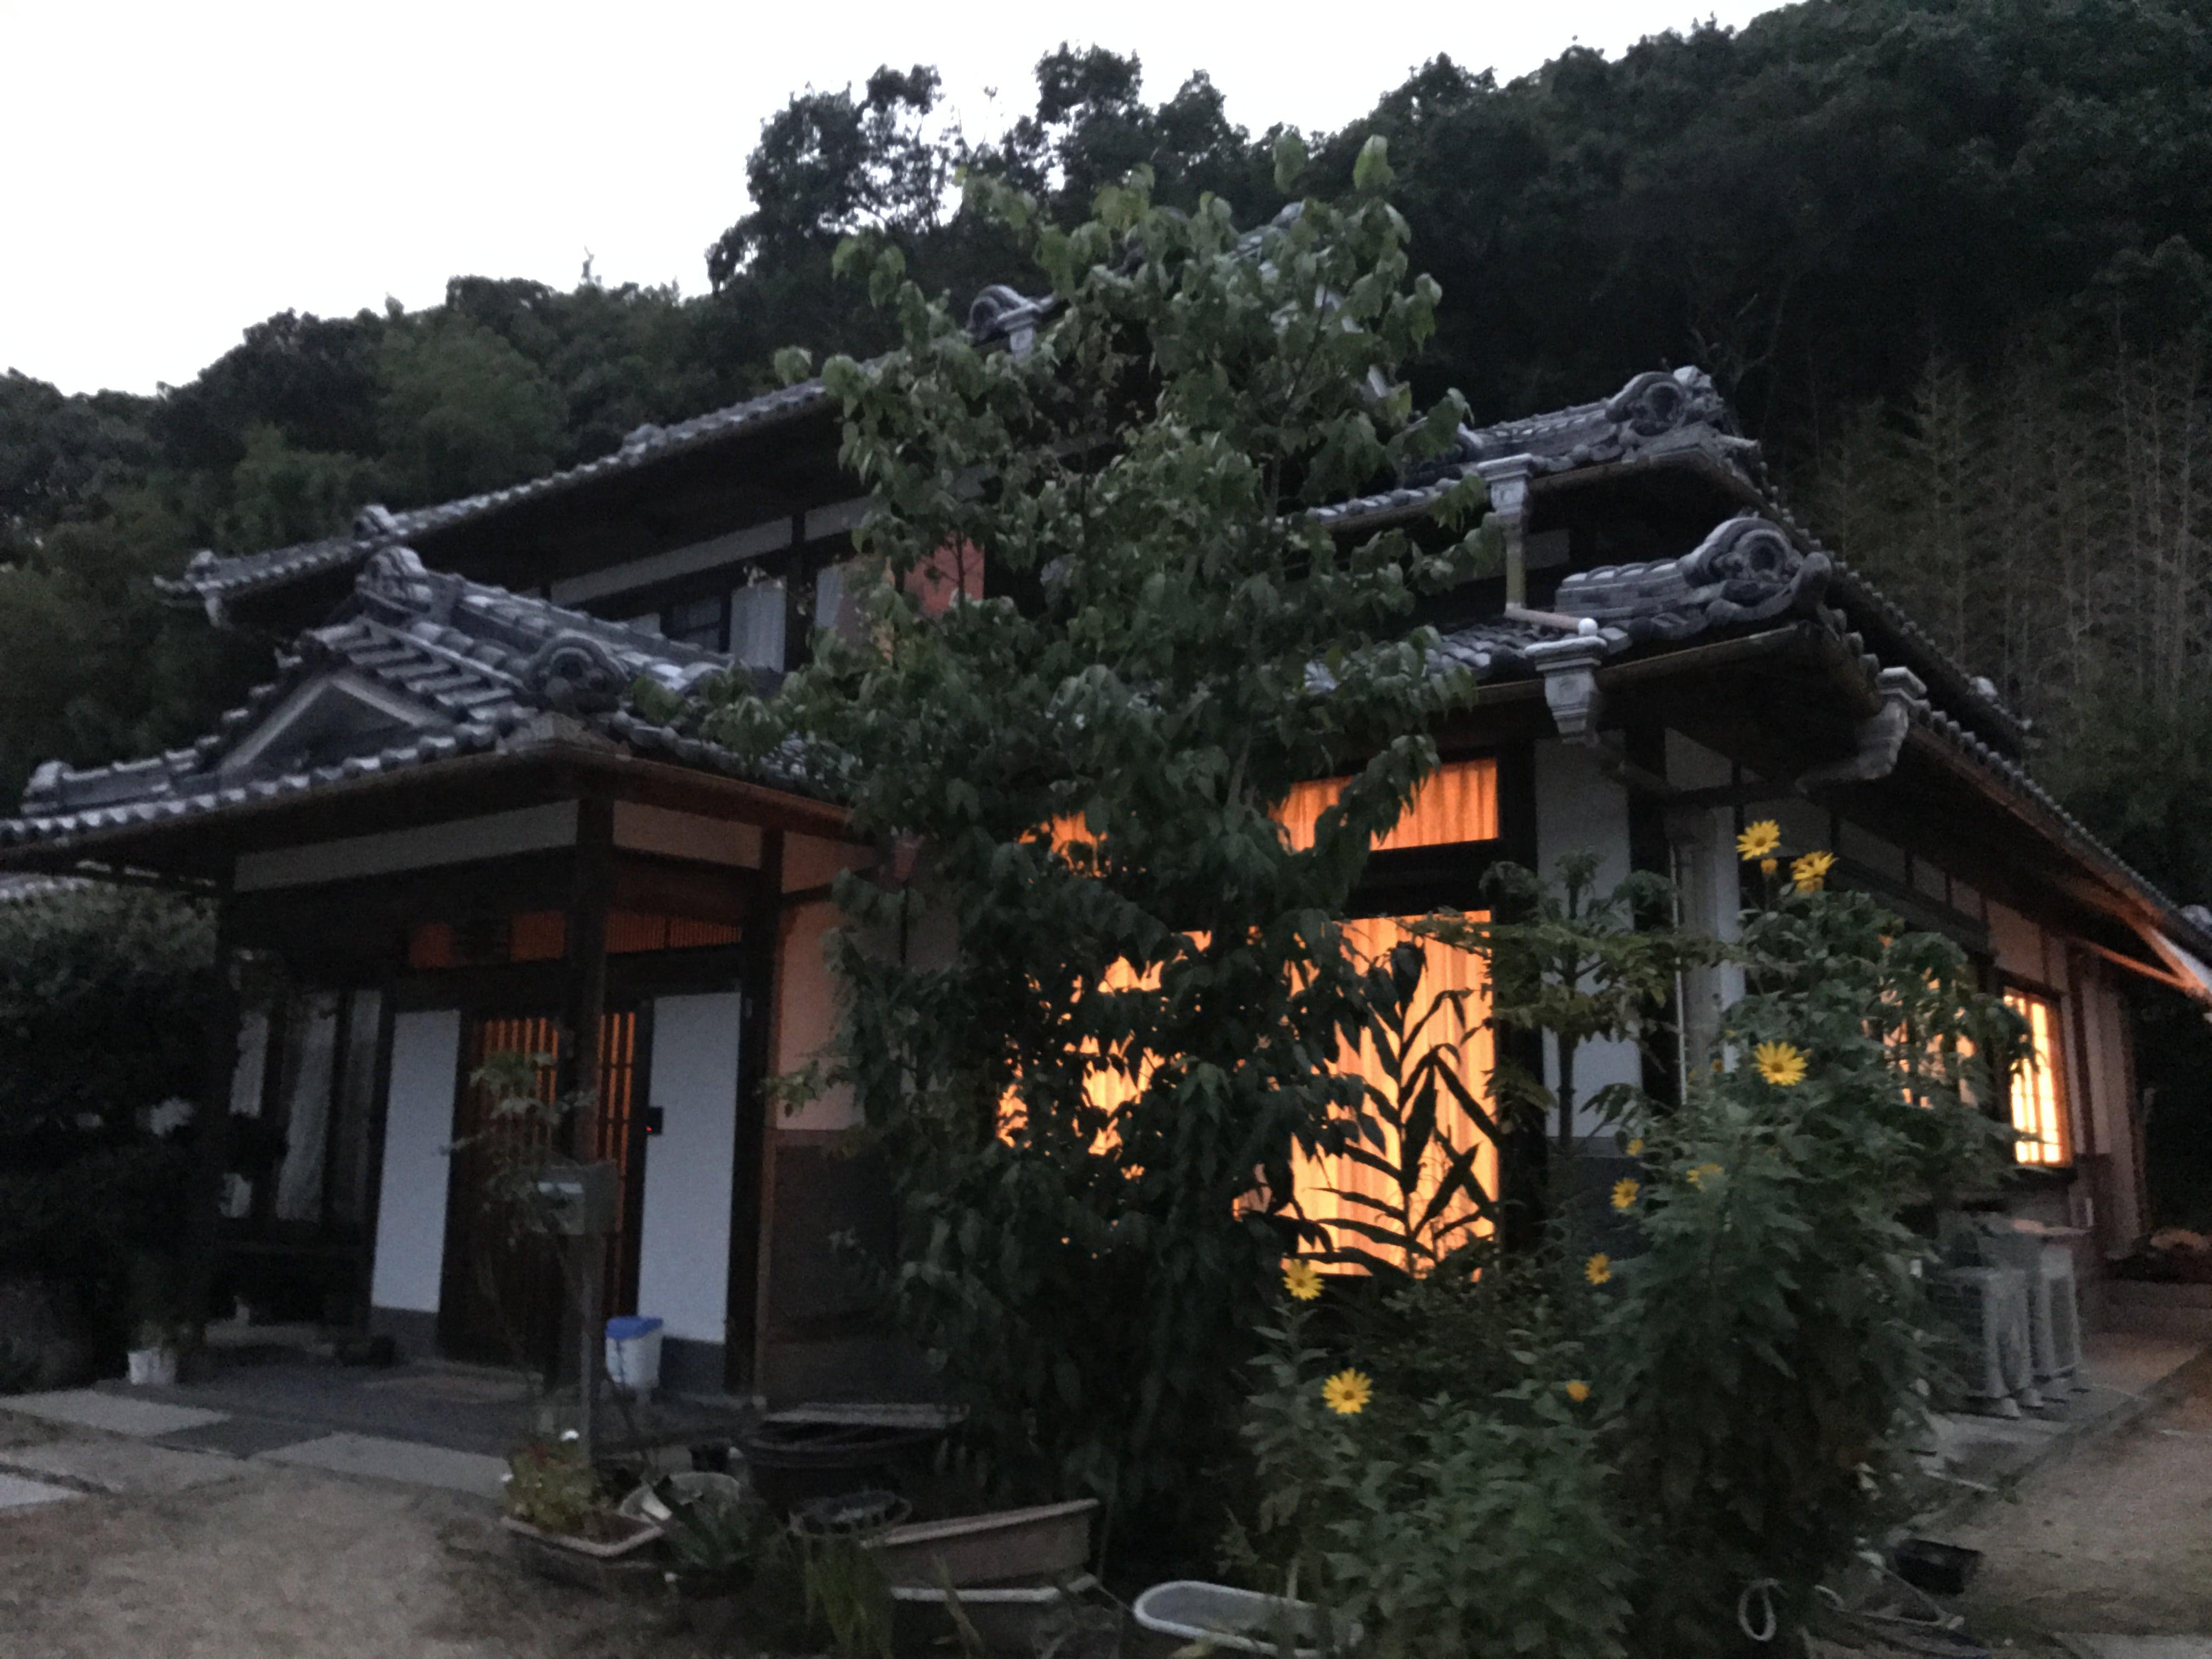 【日程終了】赤坂芸者を呼んで岡山でお座敷をご一緒に!のイメージその3